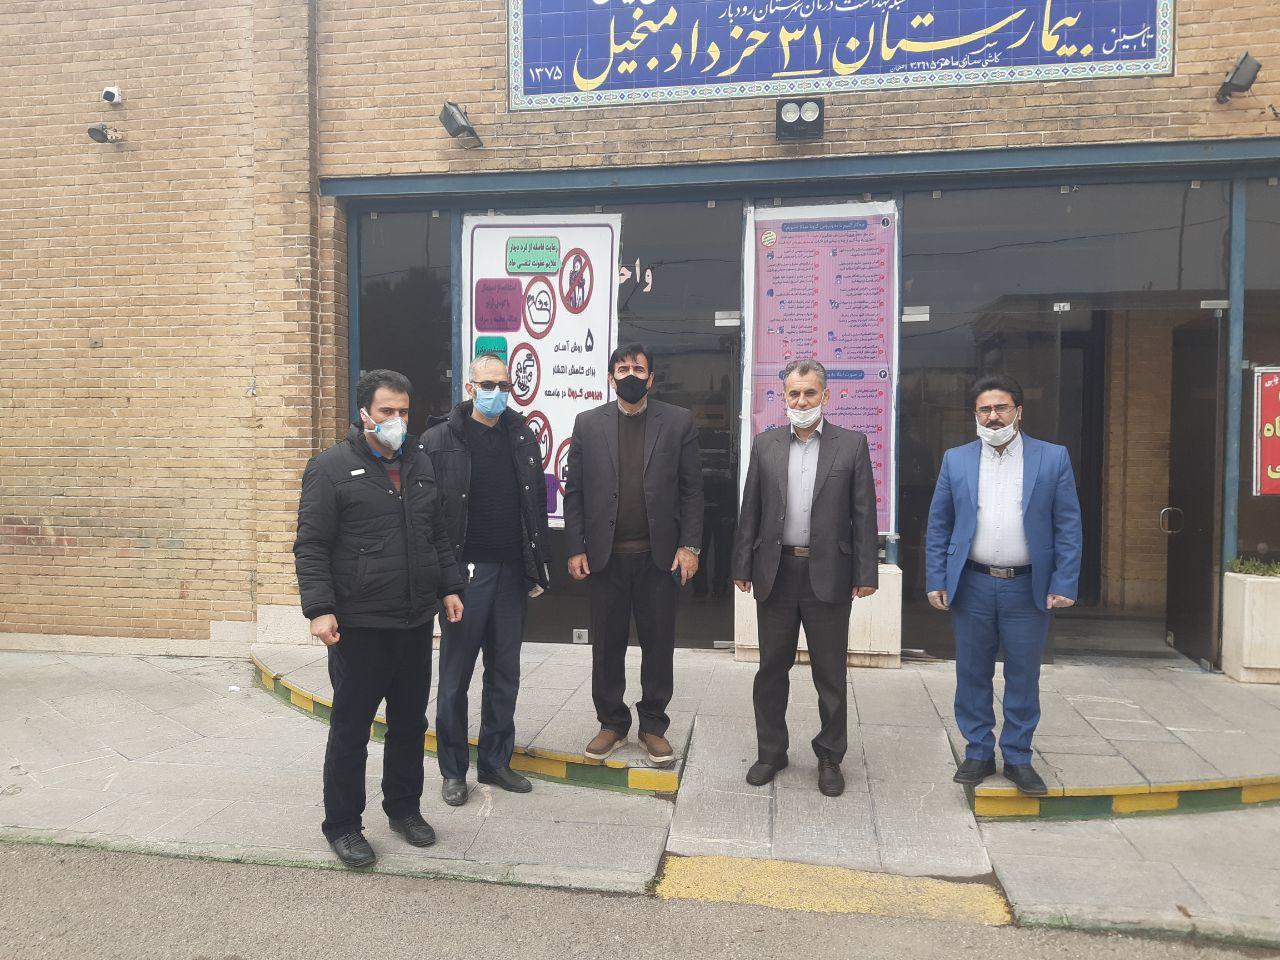 بازدید مدیر شبکه بهداشت شهرستان از بیمارستان های شهرستان رودبار